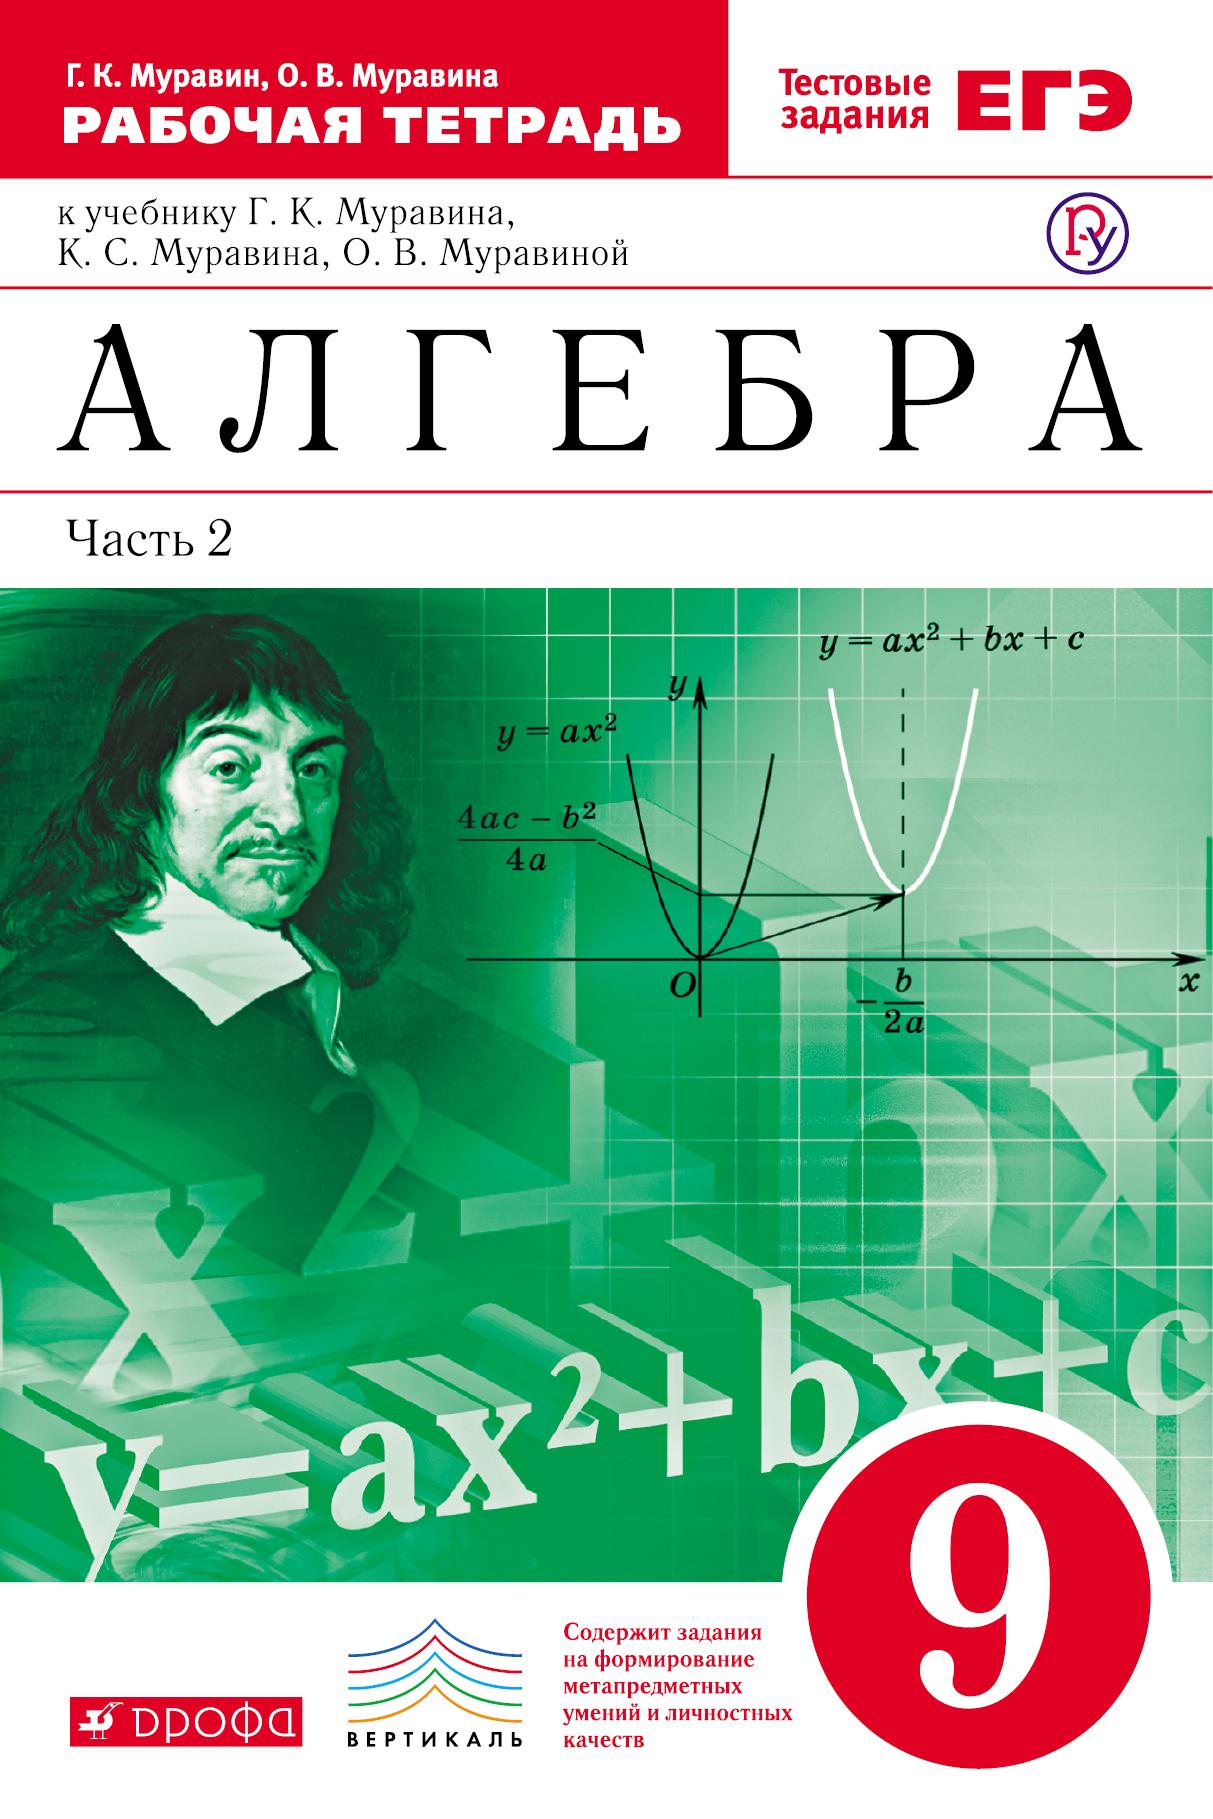 Г. К. Муравин, О. В. Муравина Алгебра. 9 класс. Рабочая тетрадь. К учебнику Г. К. Муравина, К. С. Муравина, О. В. Муравиной. В 2 частях. Часть 2